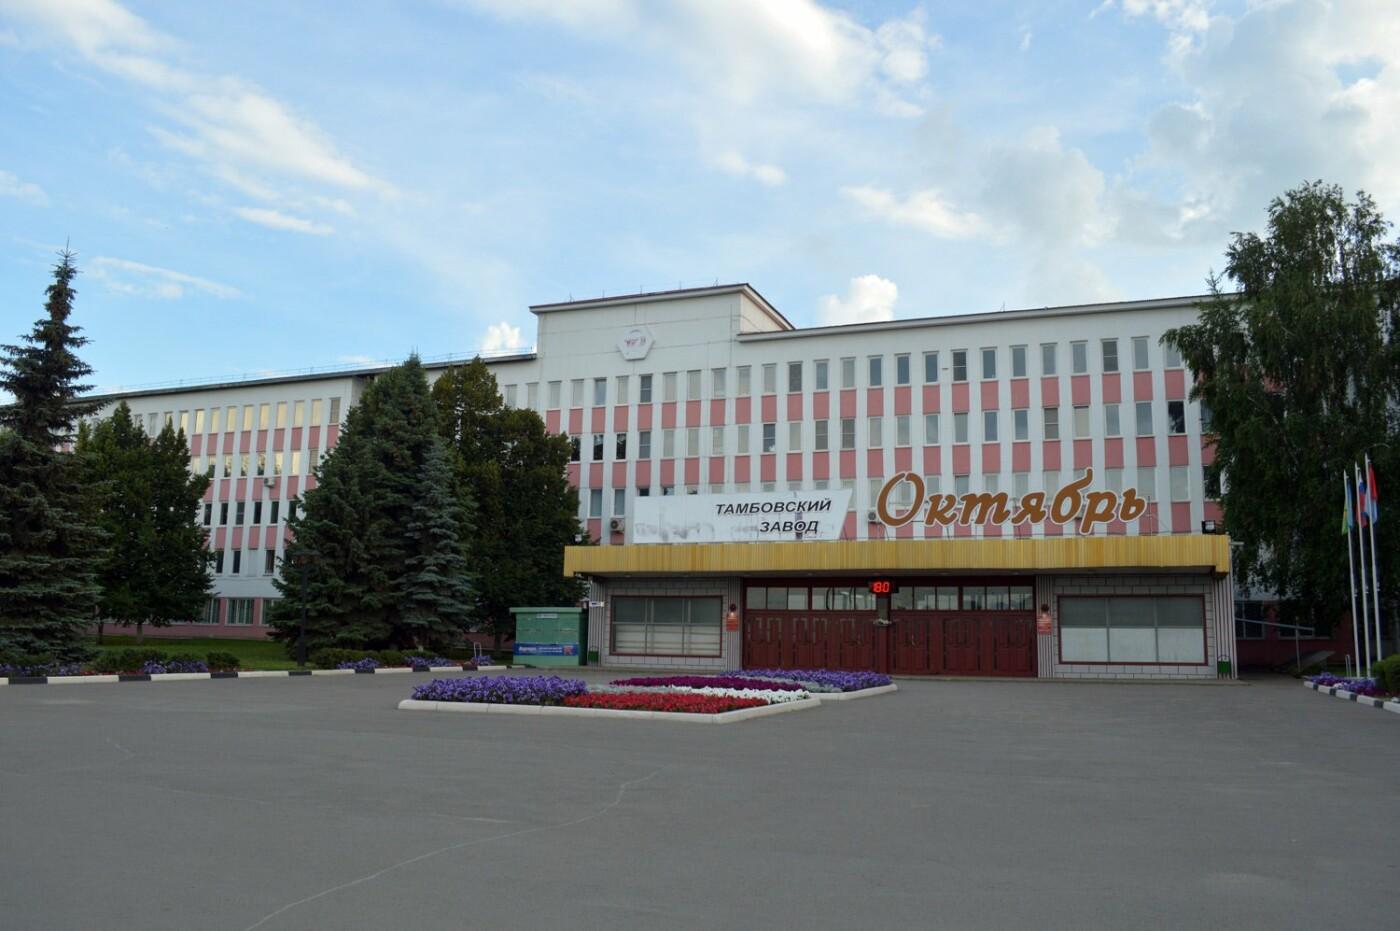 Из тамбовской оборонки «выжмут» 15 млрд рублей, фото-1